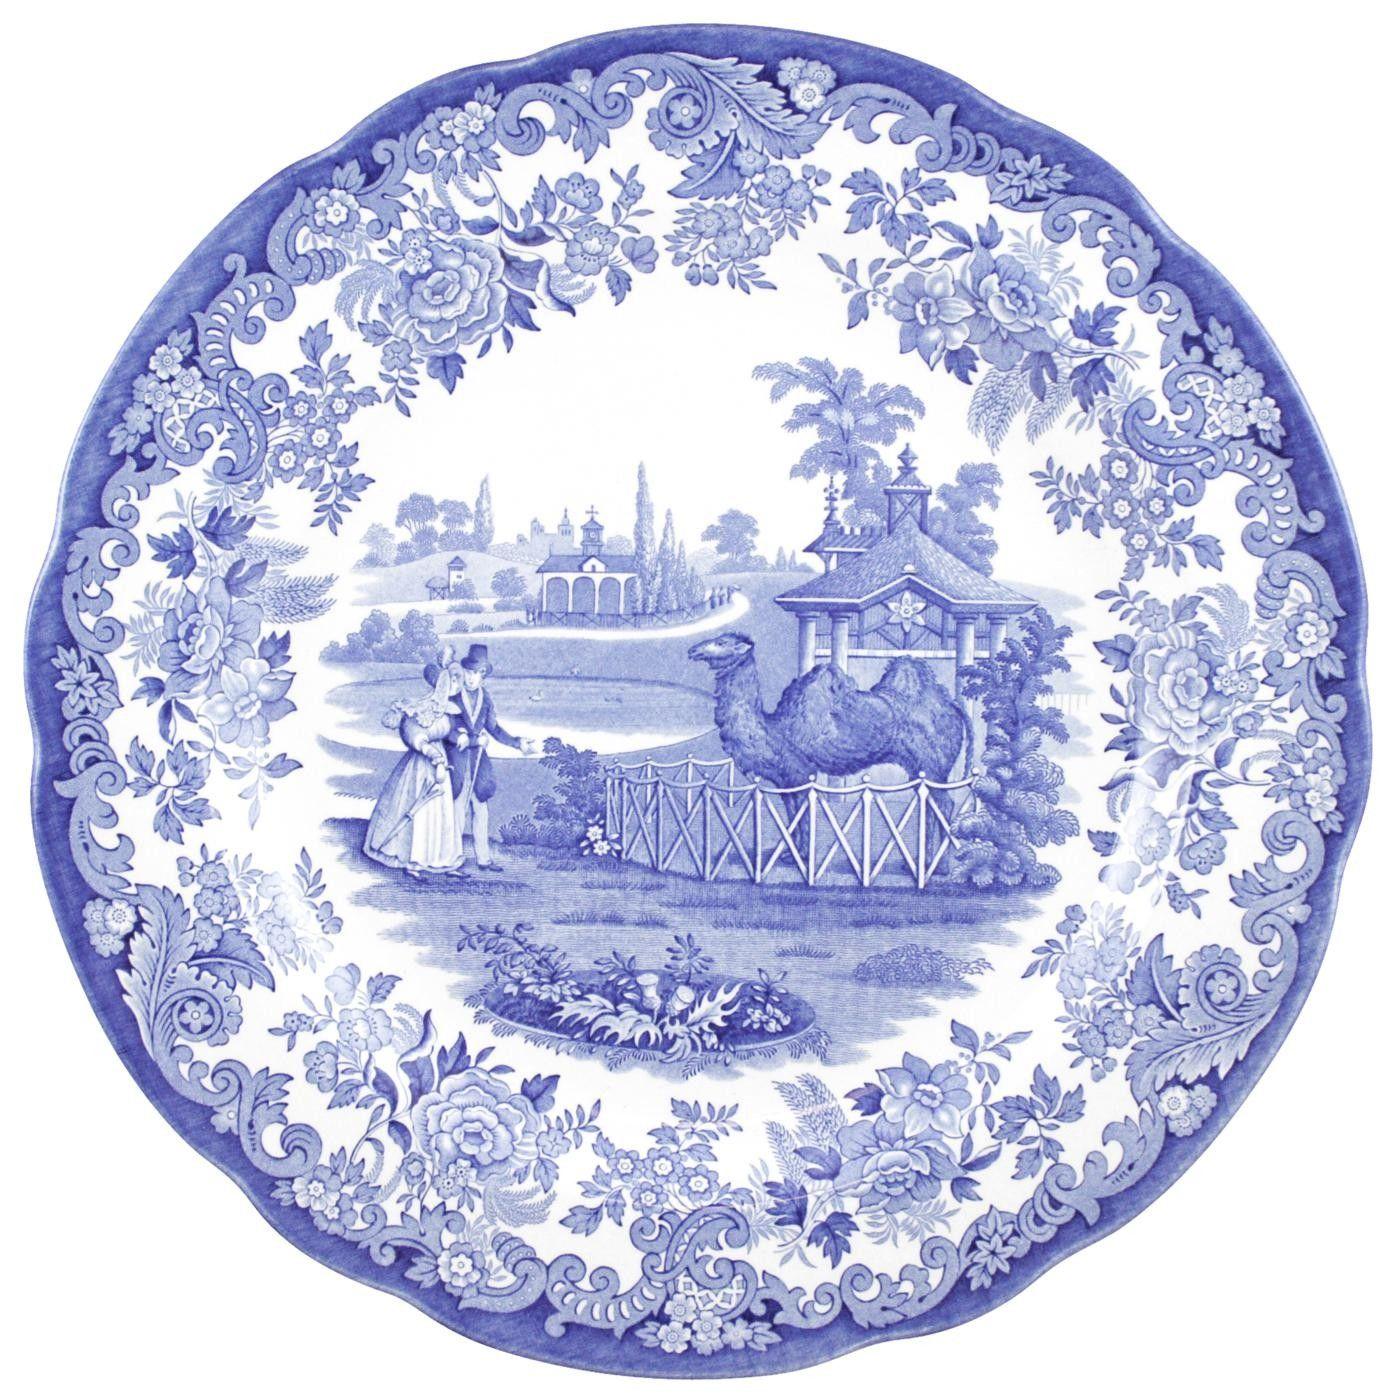 Spode Dresser Plate - The Camel Enclosure - Blue Room - Spode UK  sc 1 st  Pinterest & Spode Dresser Plate - The Camel Enclosure - Blue Room - Spode UK ...